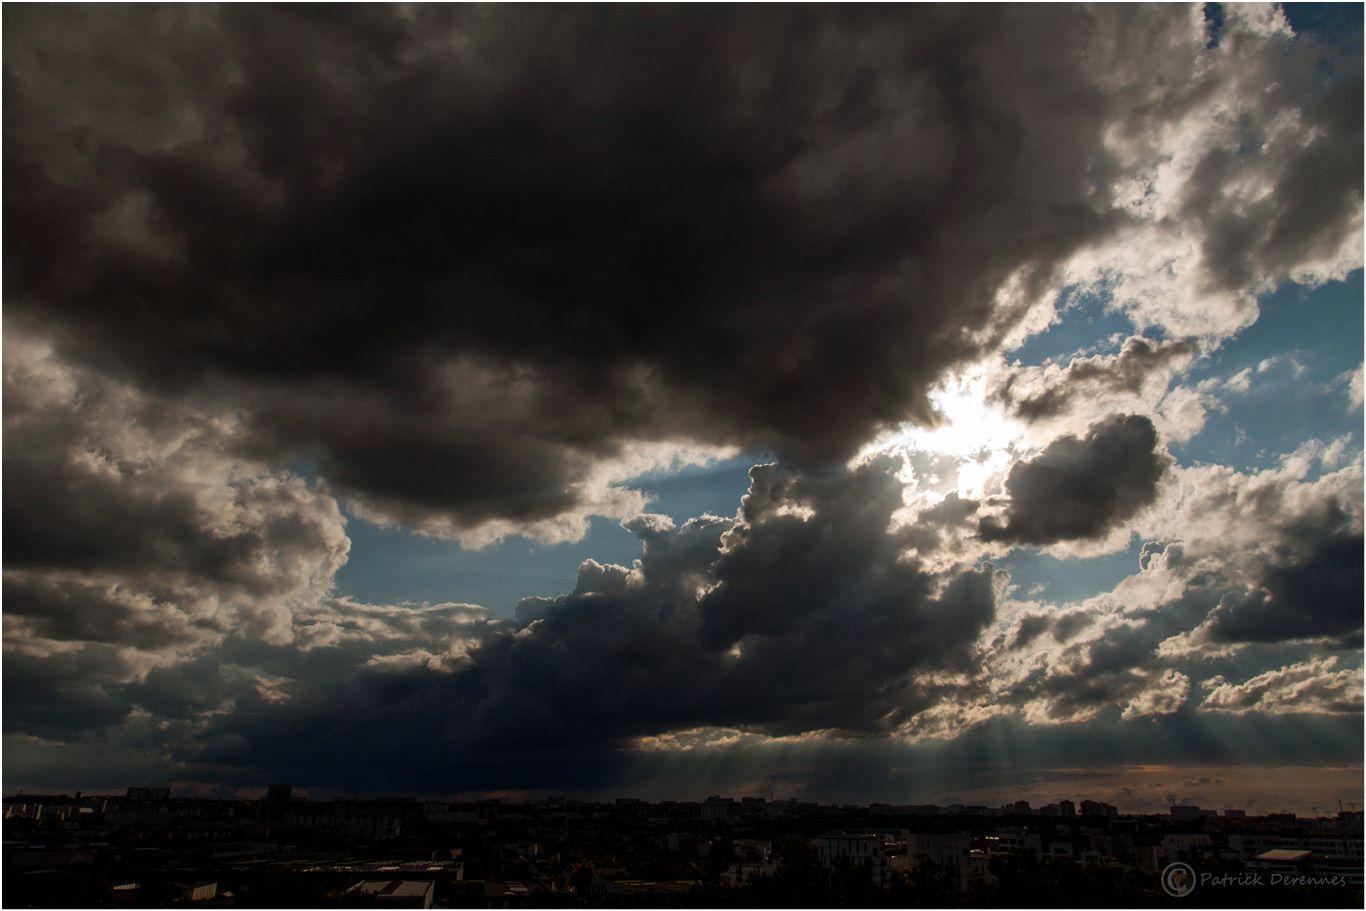 Ciels nuageux